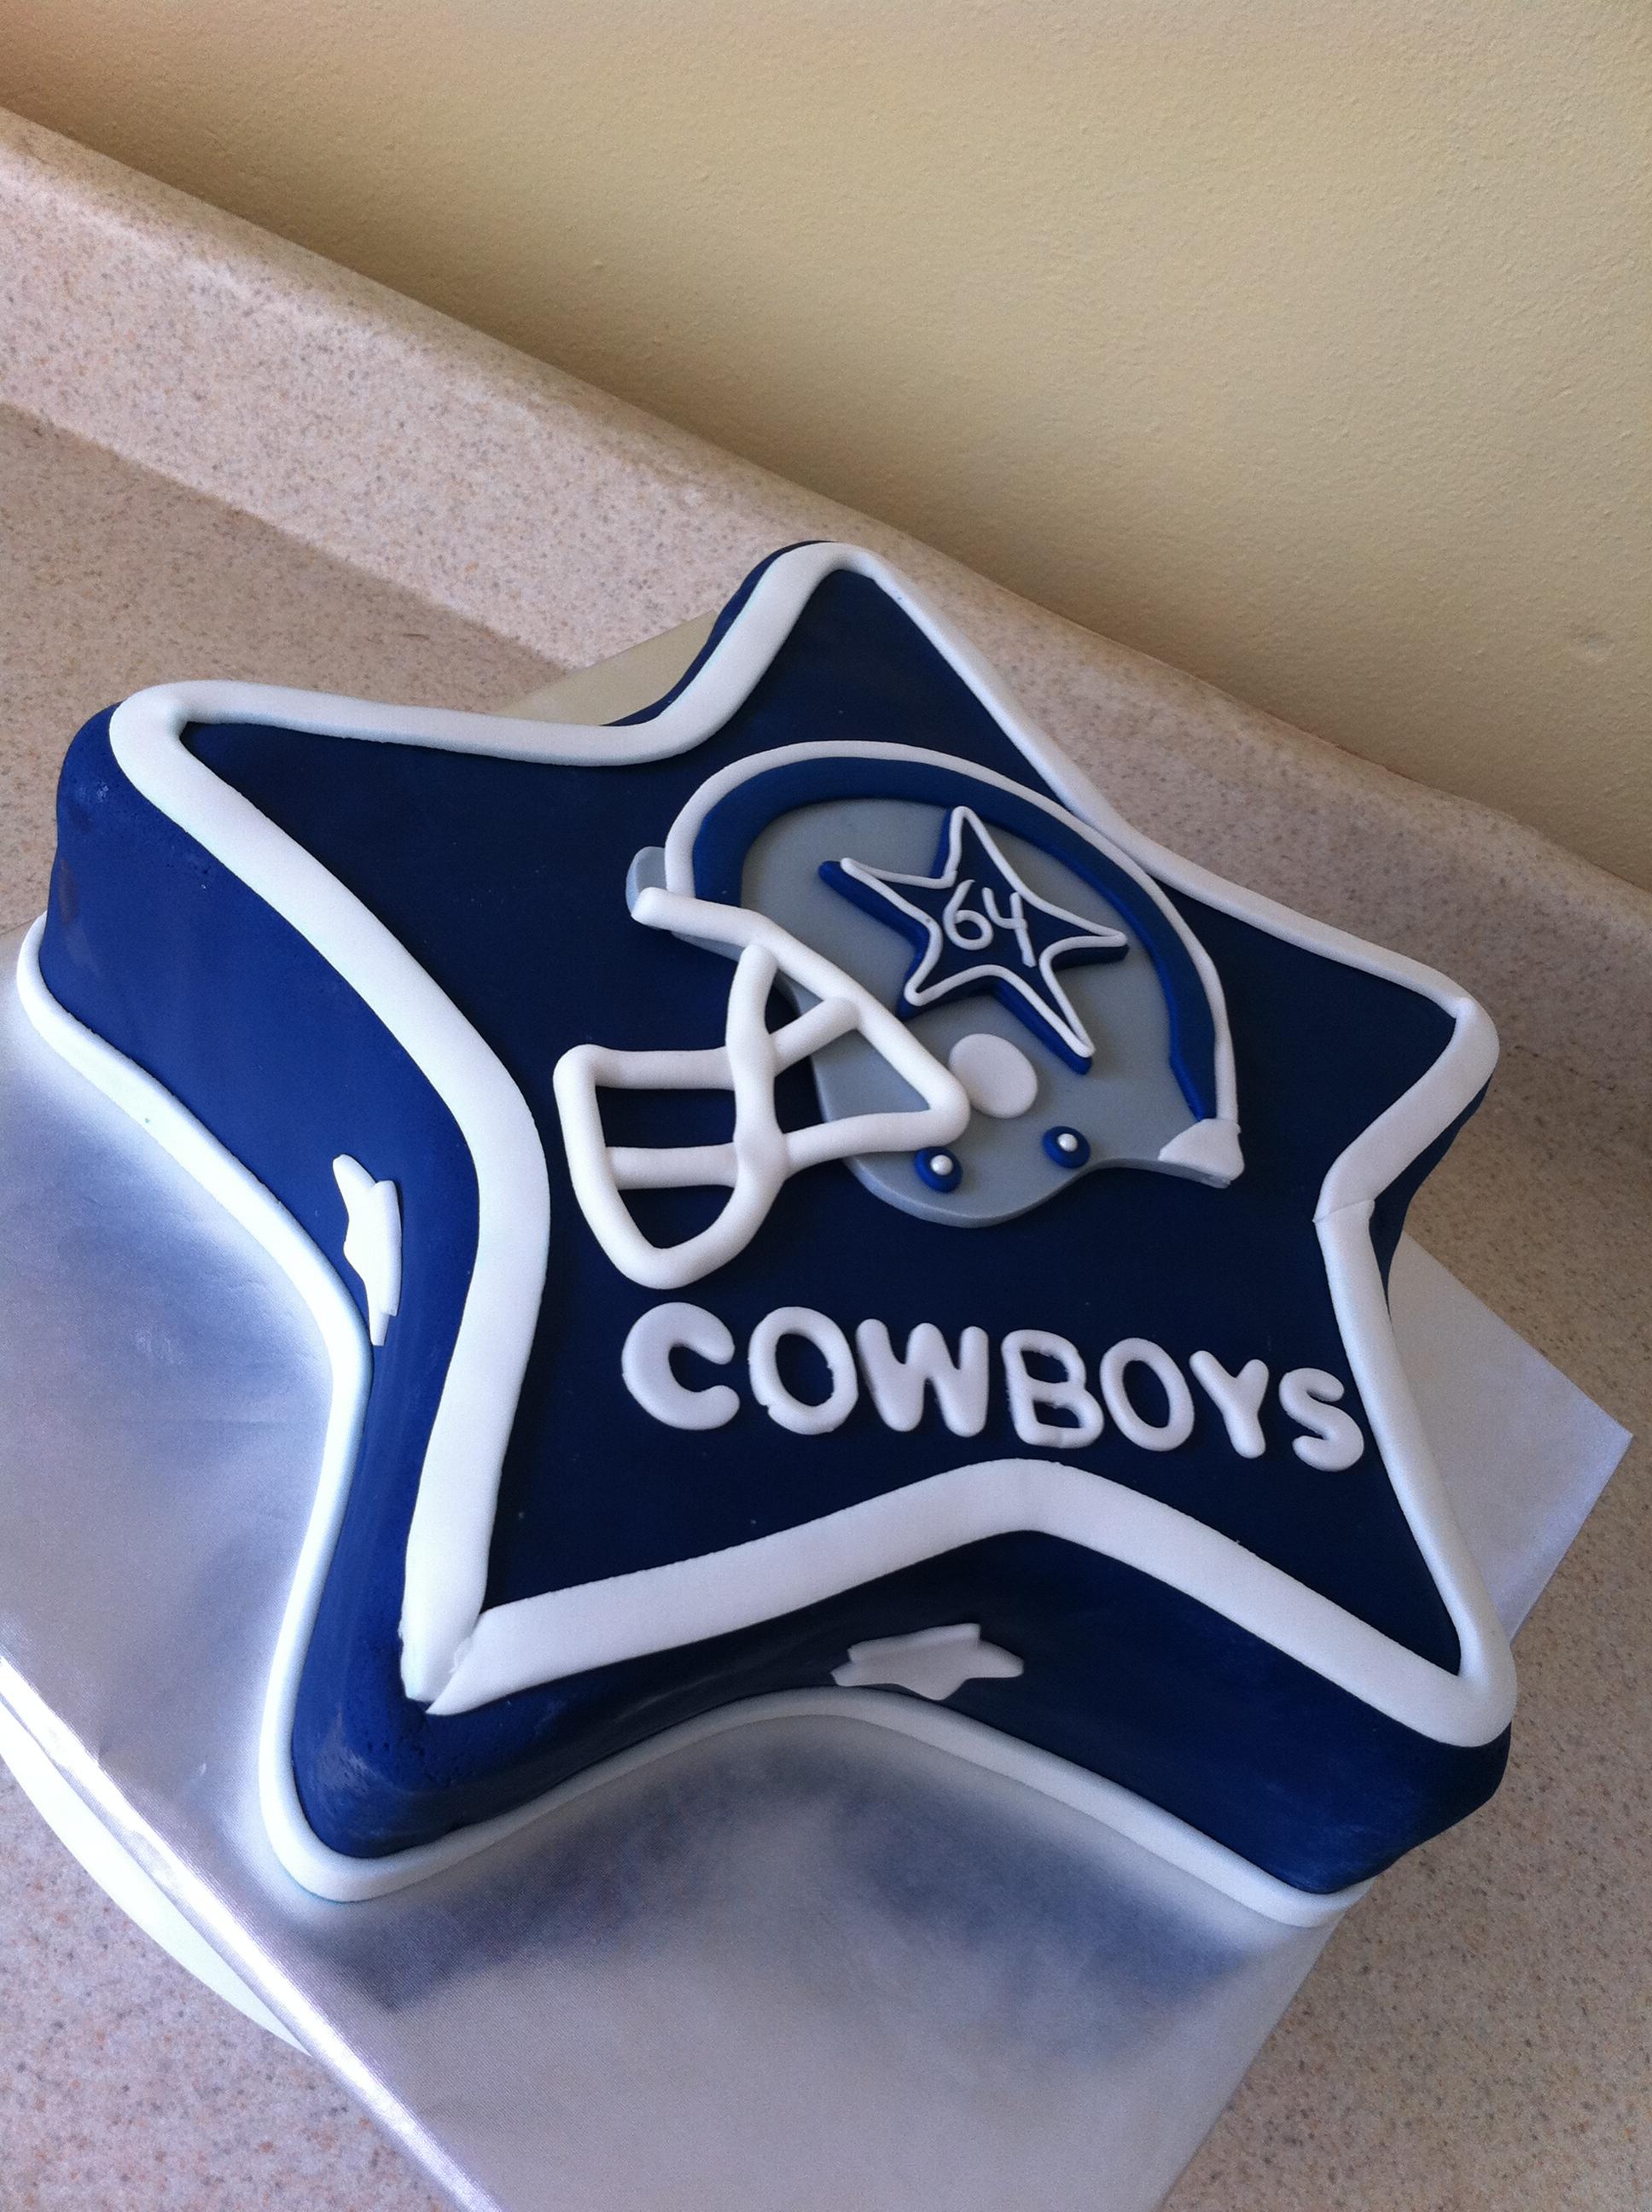 11 Photos of Dallas Cowboys Themed Cakes